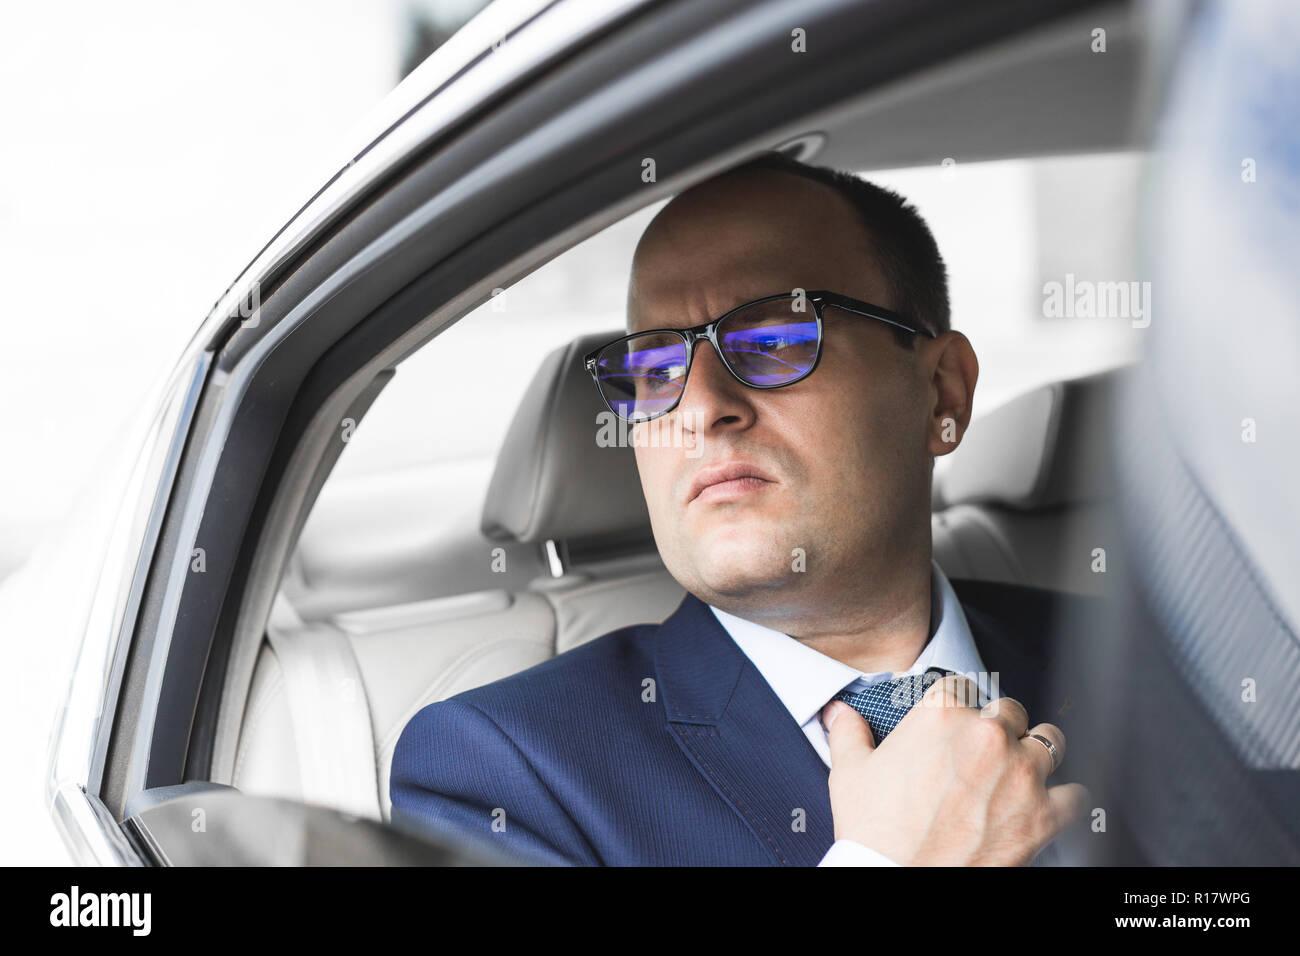 5ee543adff Joven Empresario de éxito habla por teléfono sentado en el asiento trasero  de un coche de